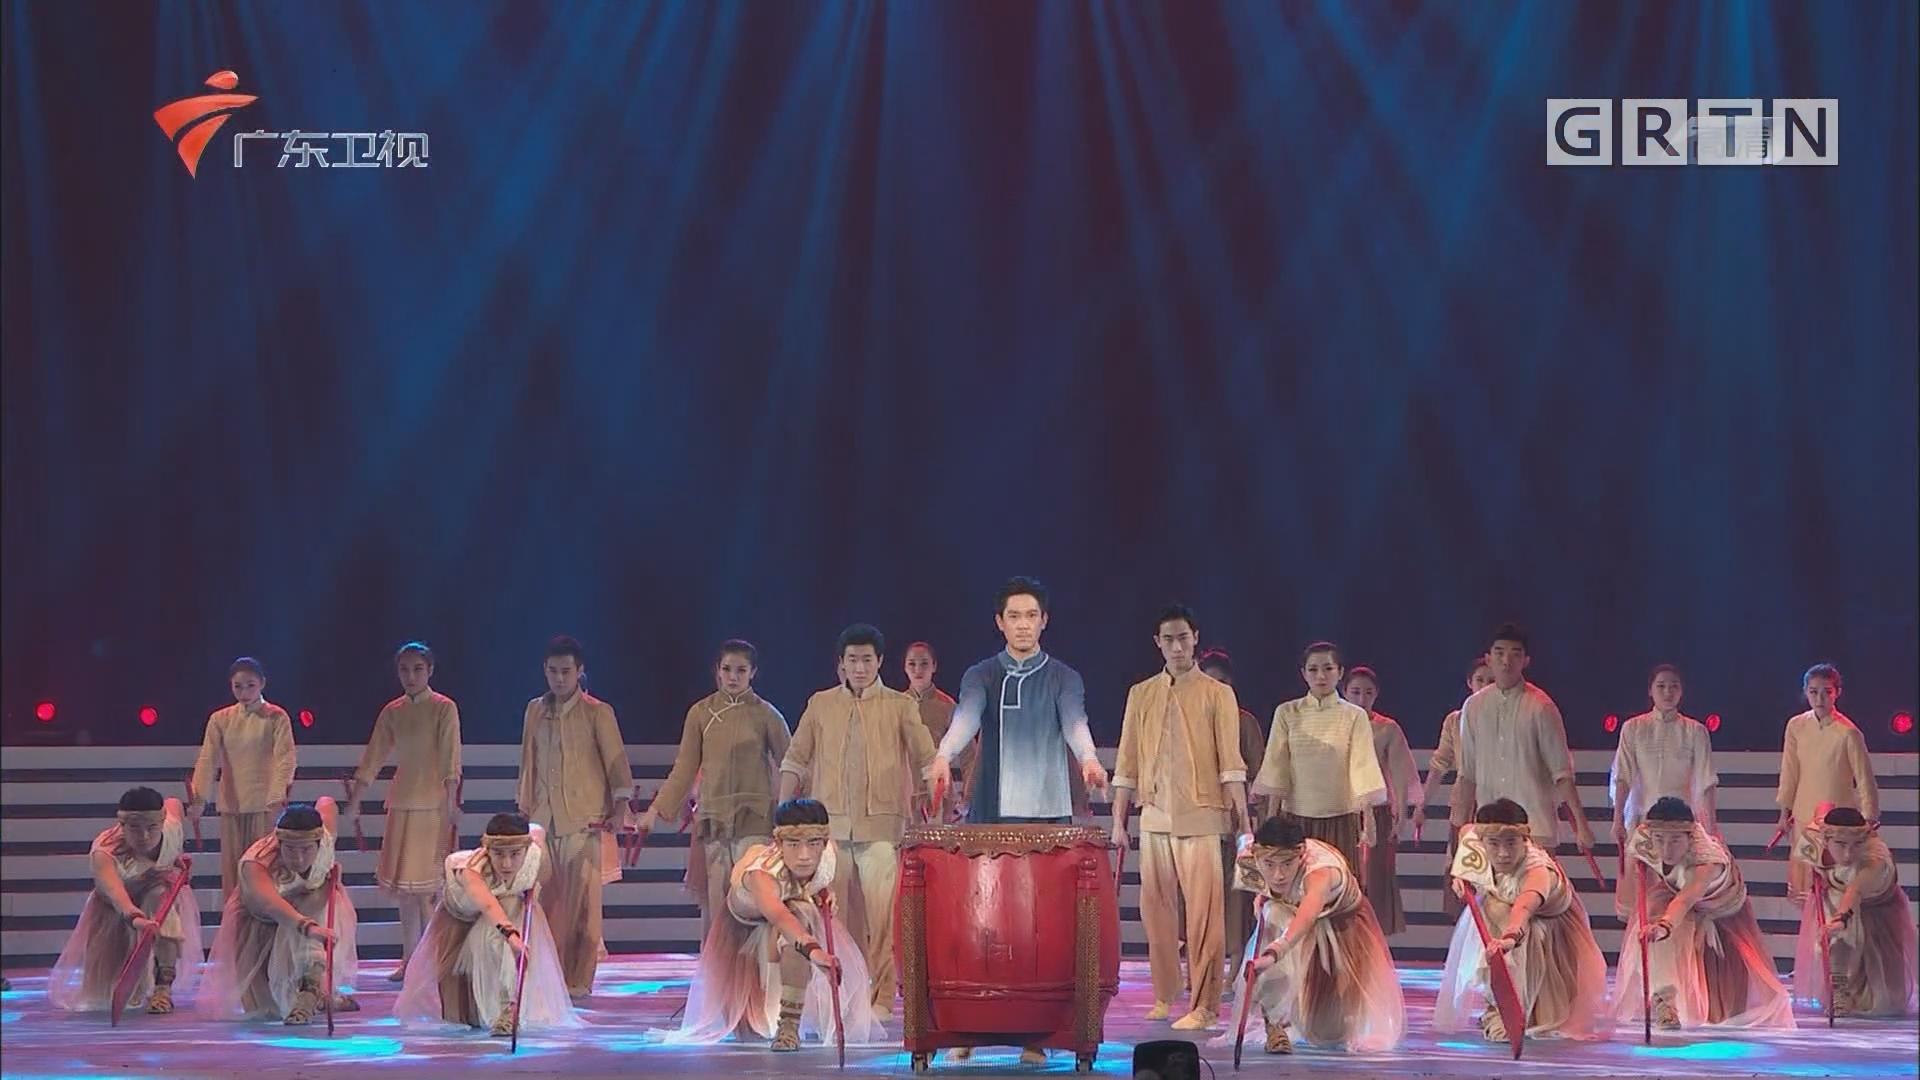 2019广东春晚:《赛龙夺锦》带你感受赛龙舟的激烈场面,震撼全场